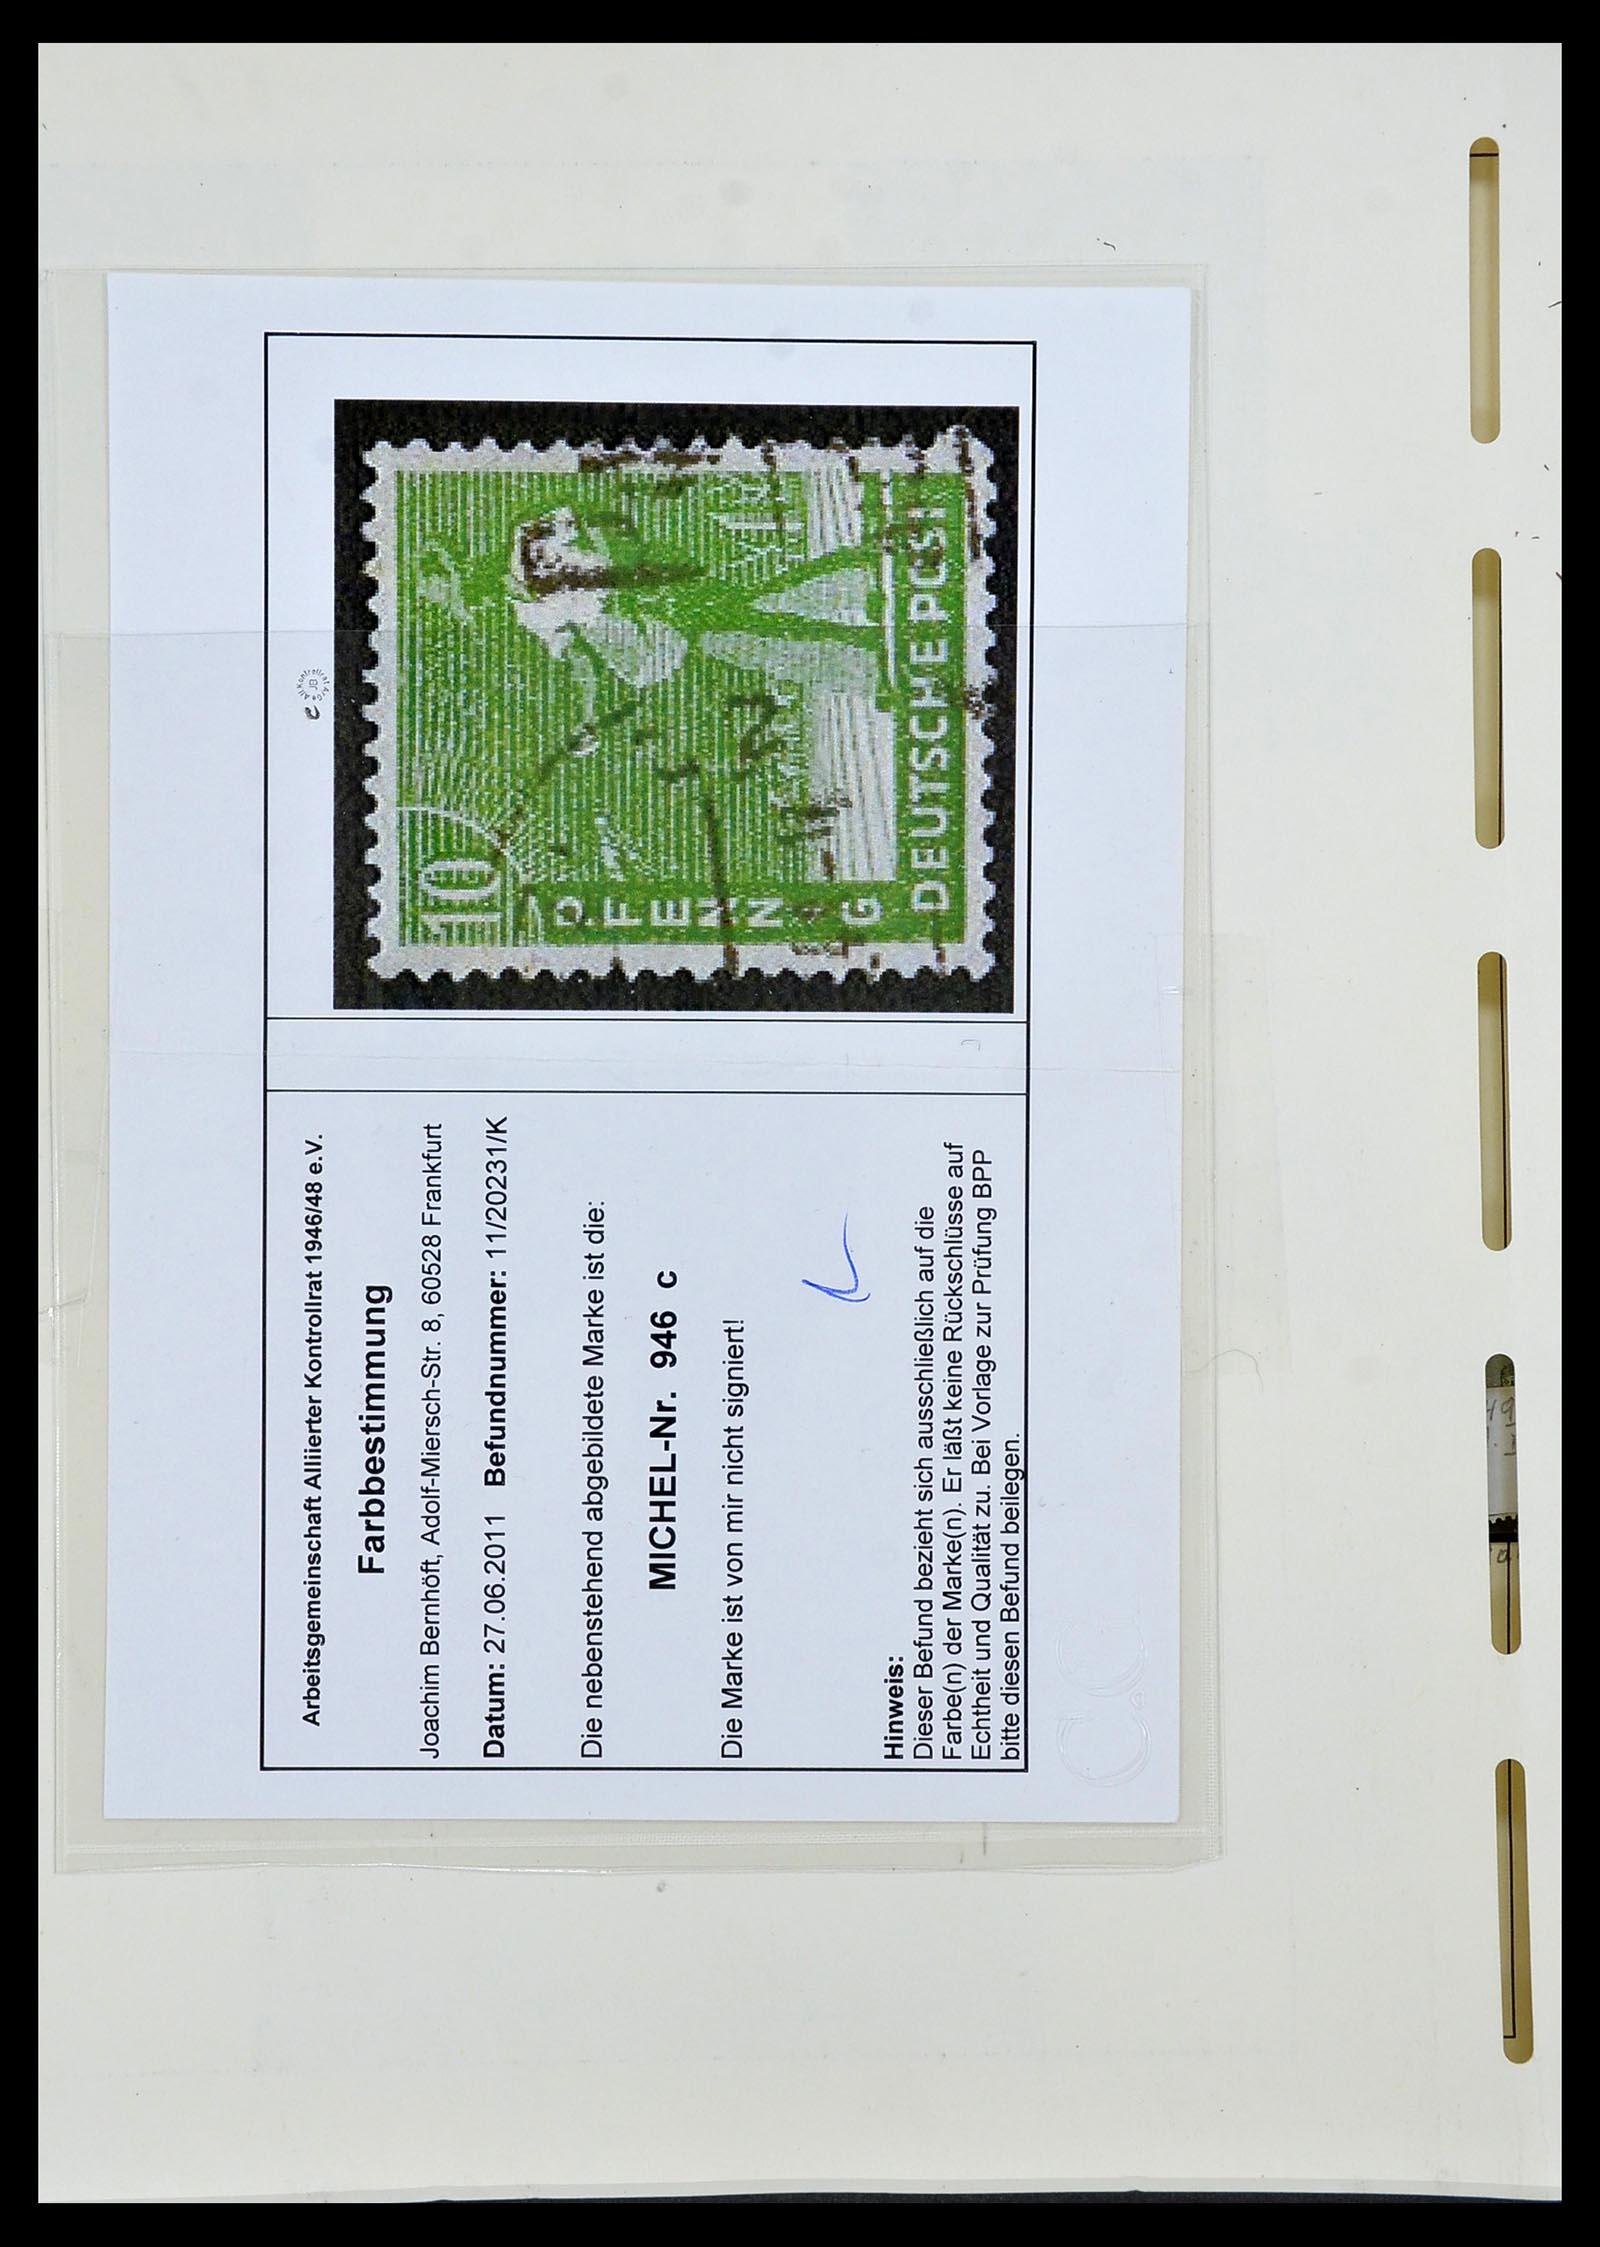 34152 008 - Postzegelverzameling 34152 Duitse Zones 1945-1949.